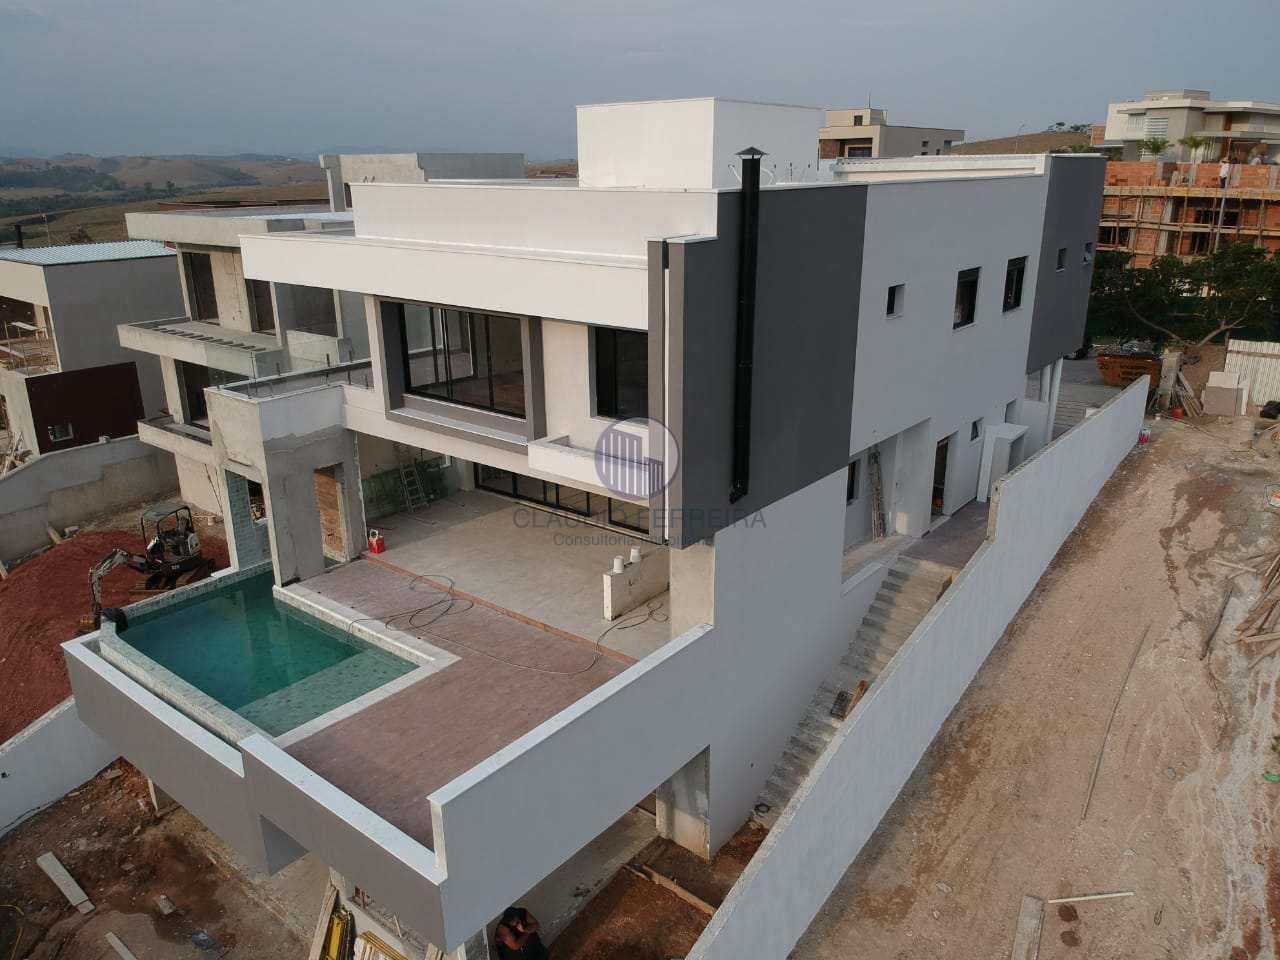 Casa de Condomínio com 5 dorms, Condomínio Residencial Alphaville II, São José dos Campos - R$ 3.2 mi, Cod: 569